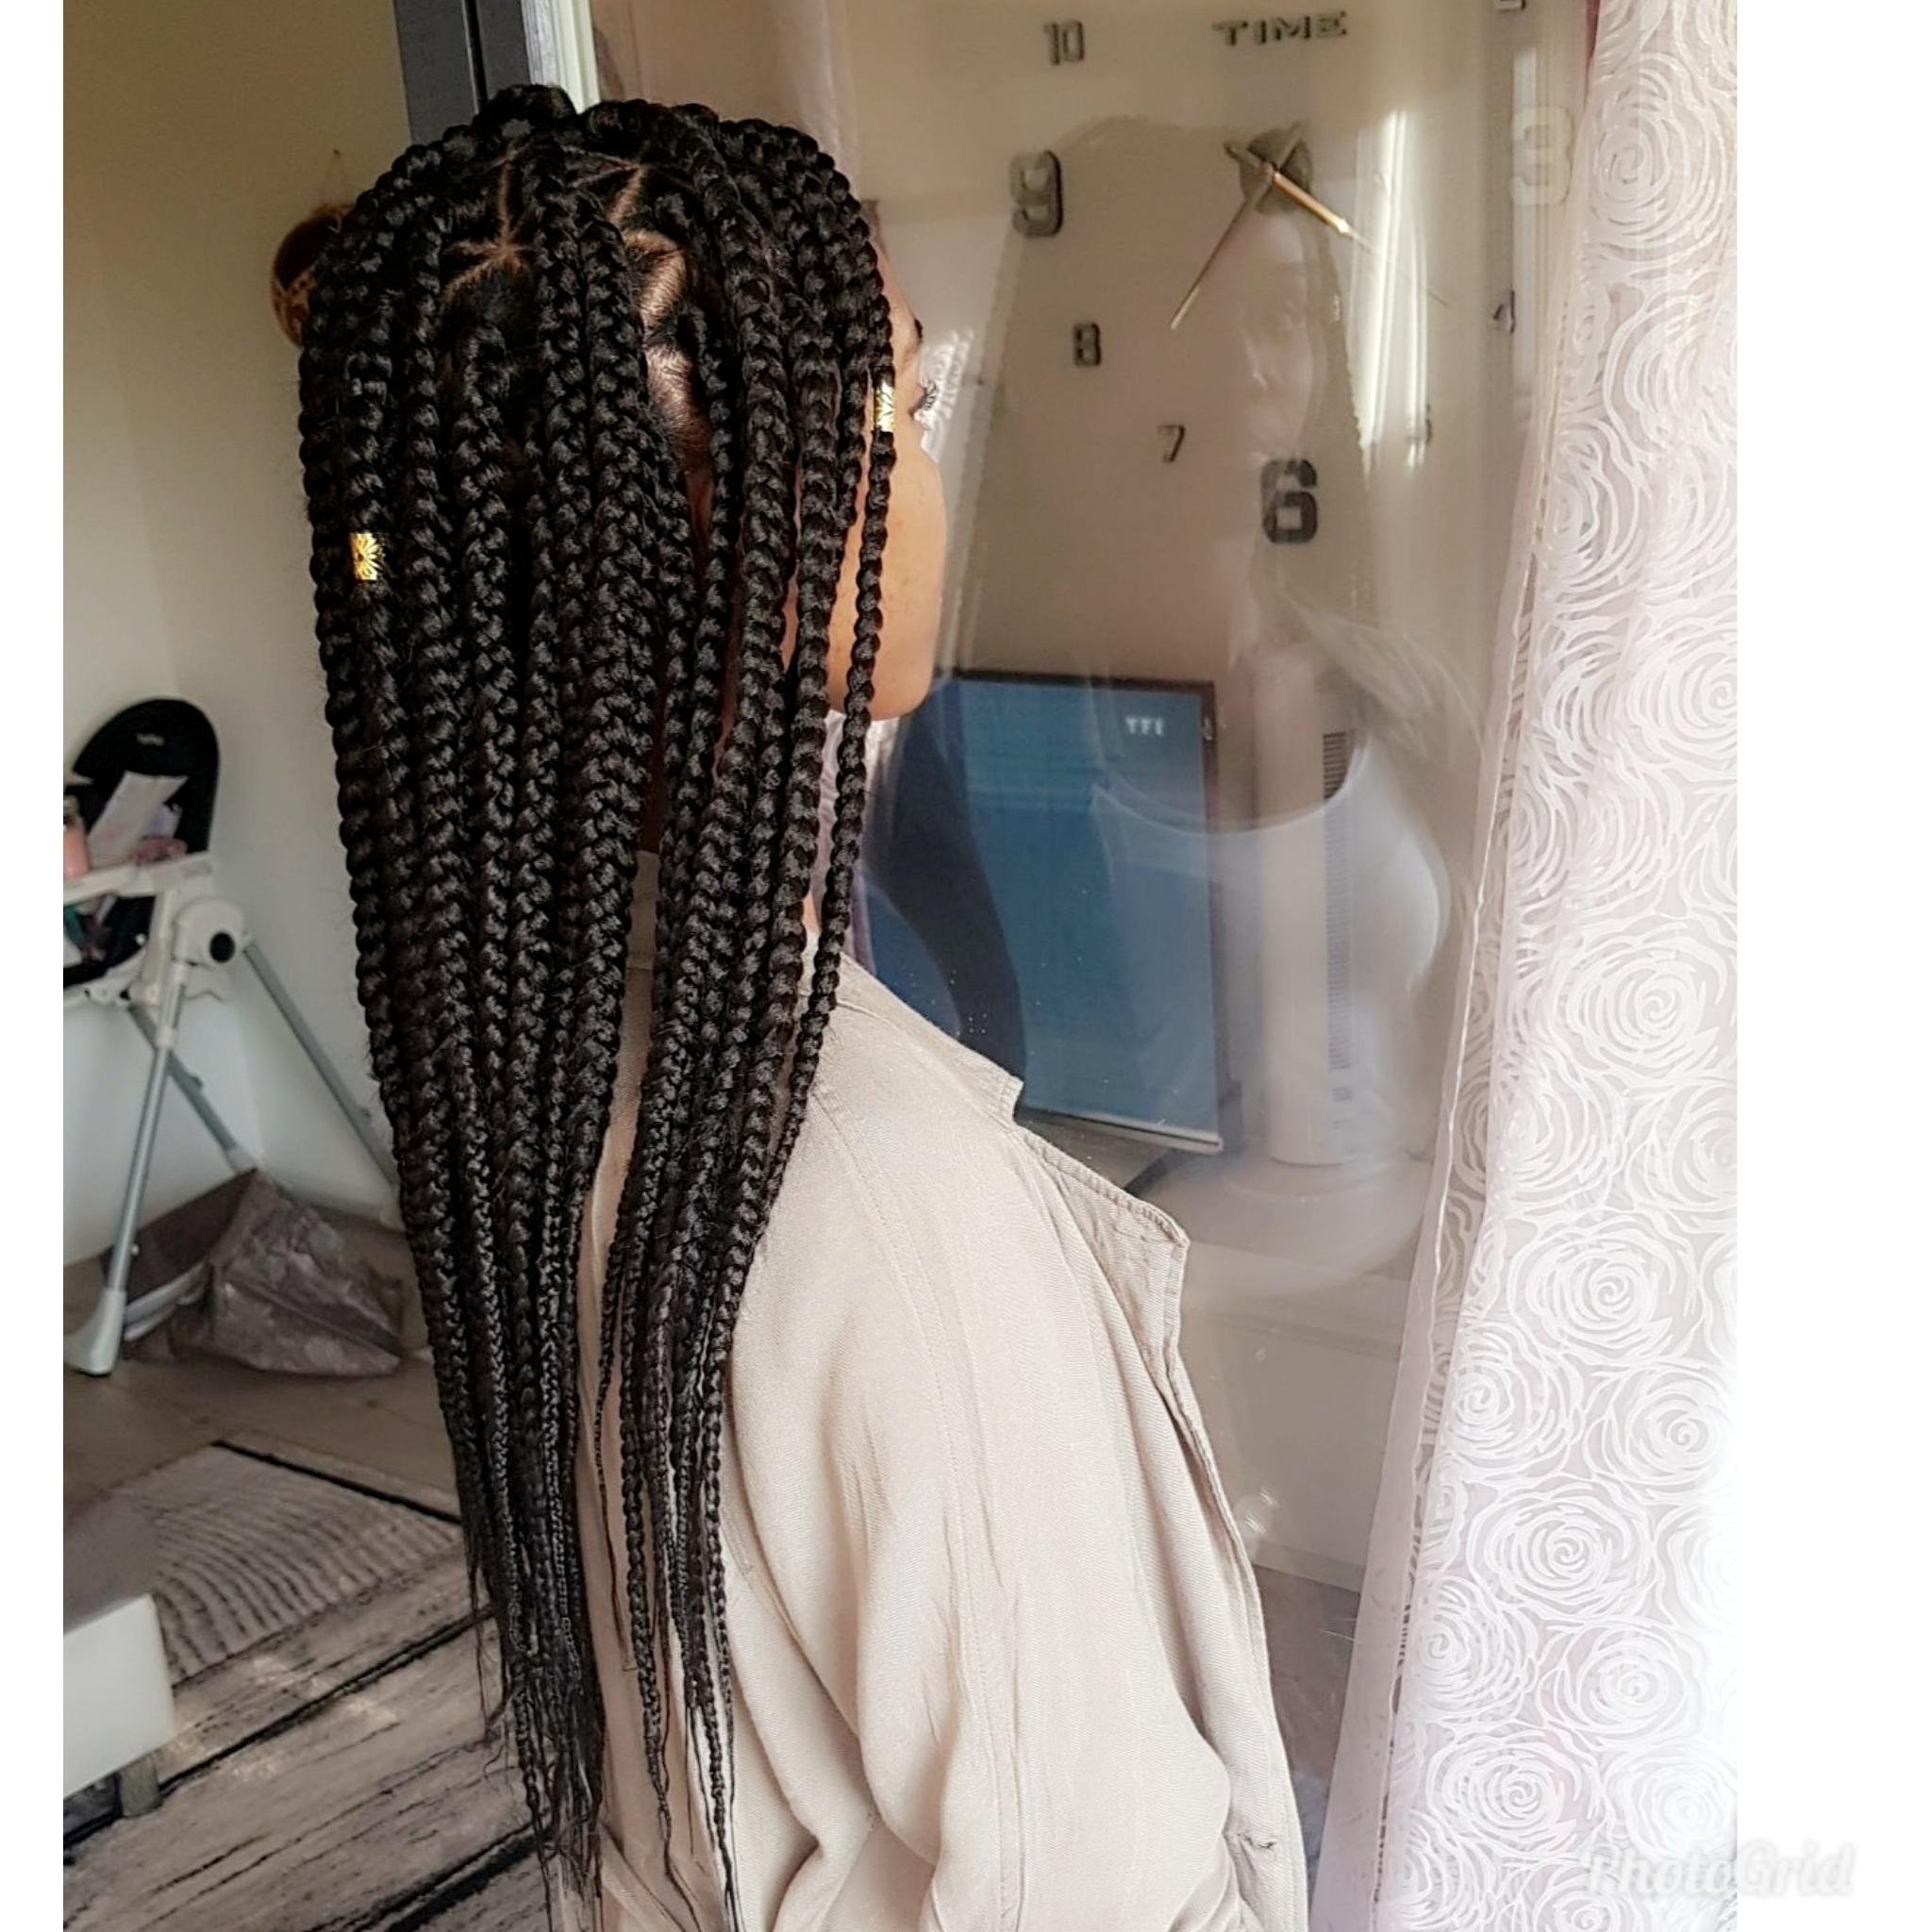 salon de coiffure afro tresse tresses box braids crochet braids vanilles tissages paris 75 77 78 91 92 93 94 95 XKWDDXMP